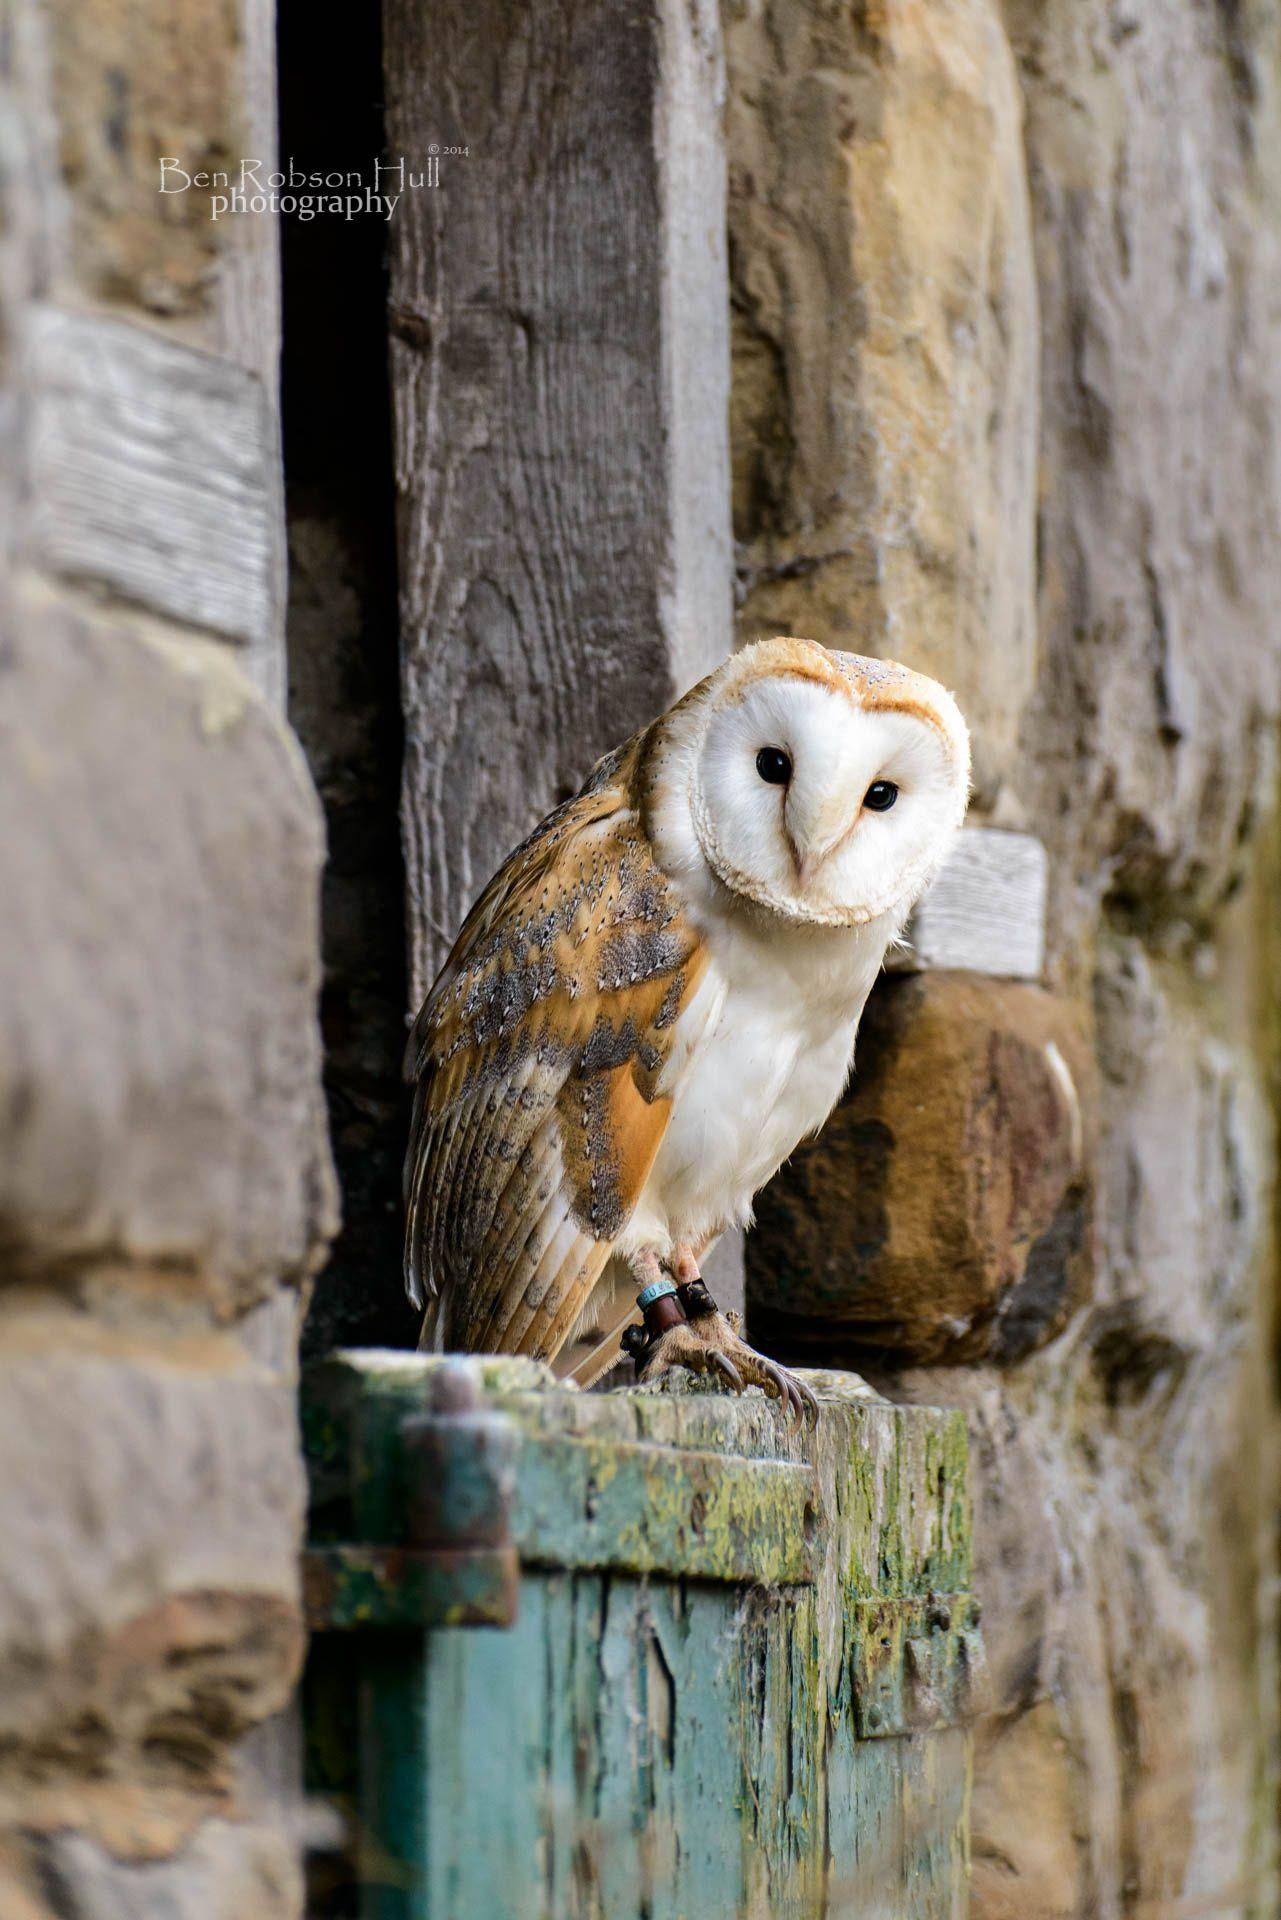 Farmyard barn owl by ben robson hull on 500px barn owl